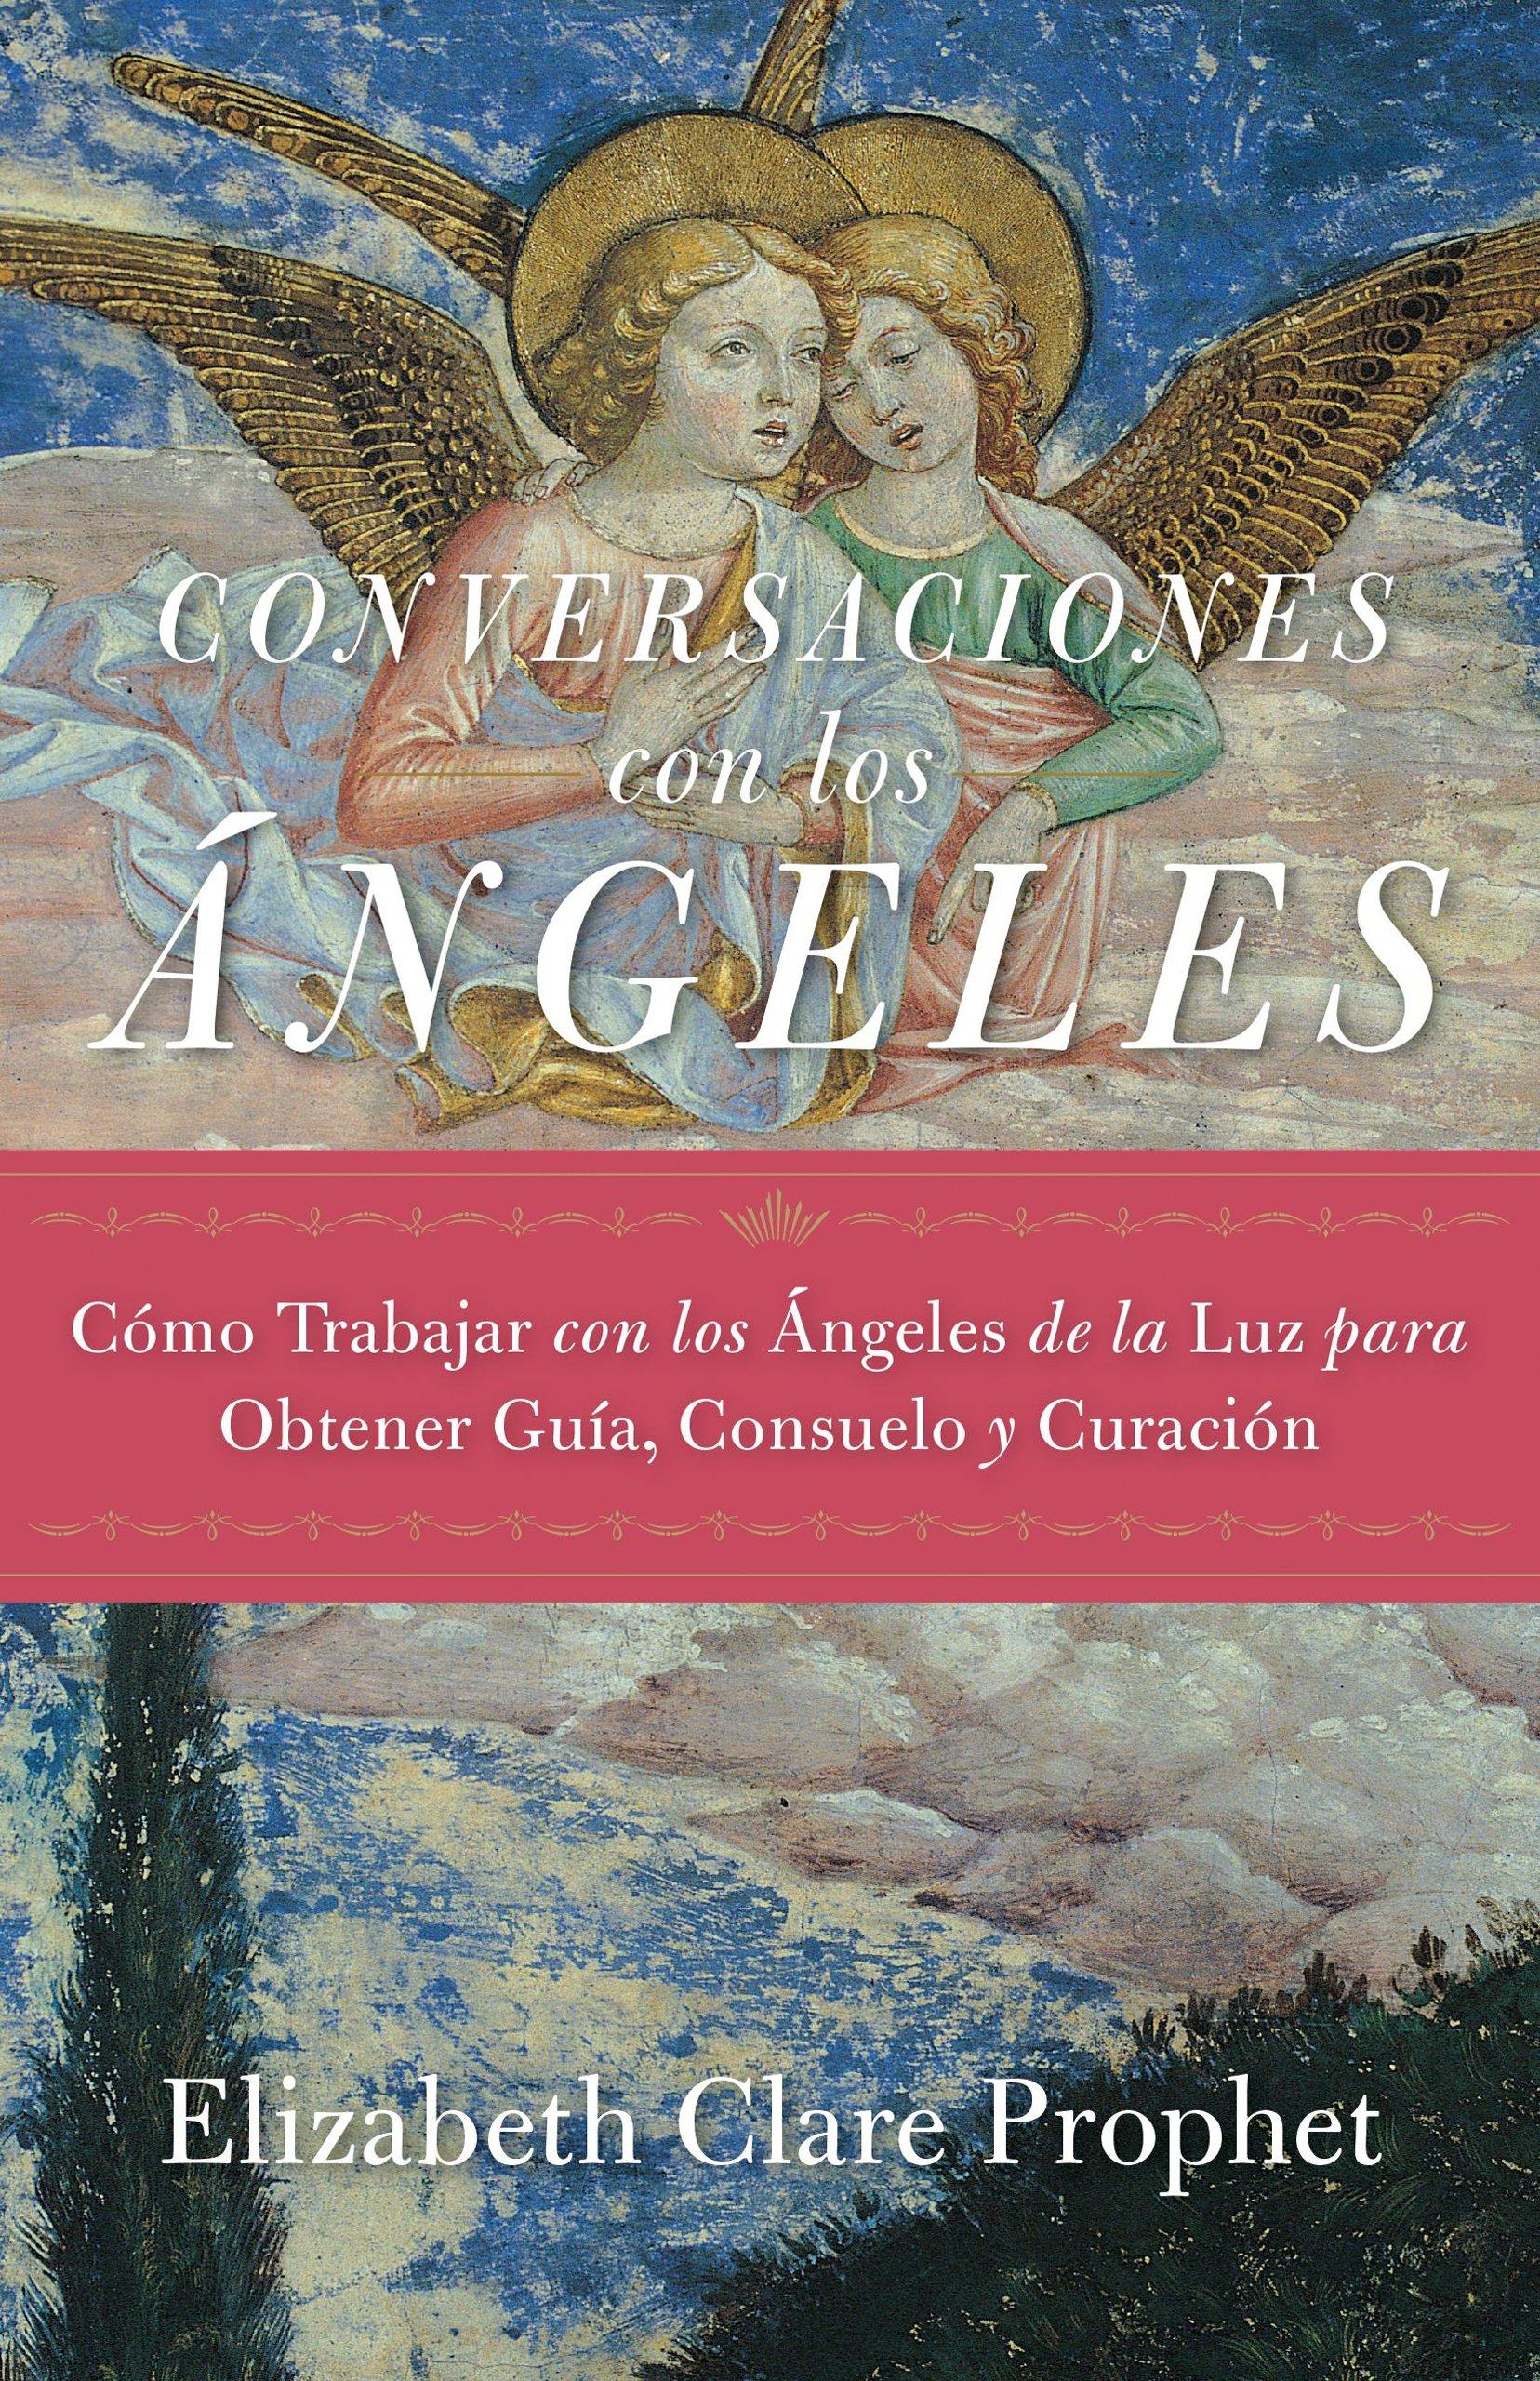 Download Conversaciones con los ángeles: Cómo trabajar con los ángeles de la luz para obtener guía, consuelo y curación (Spanish Edition) ebook